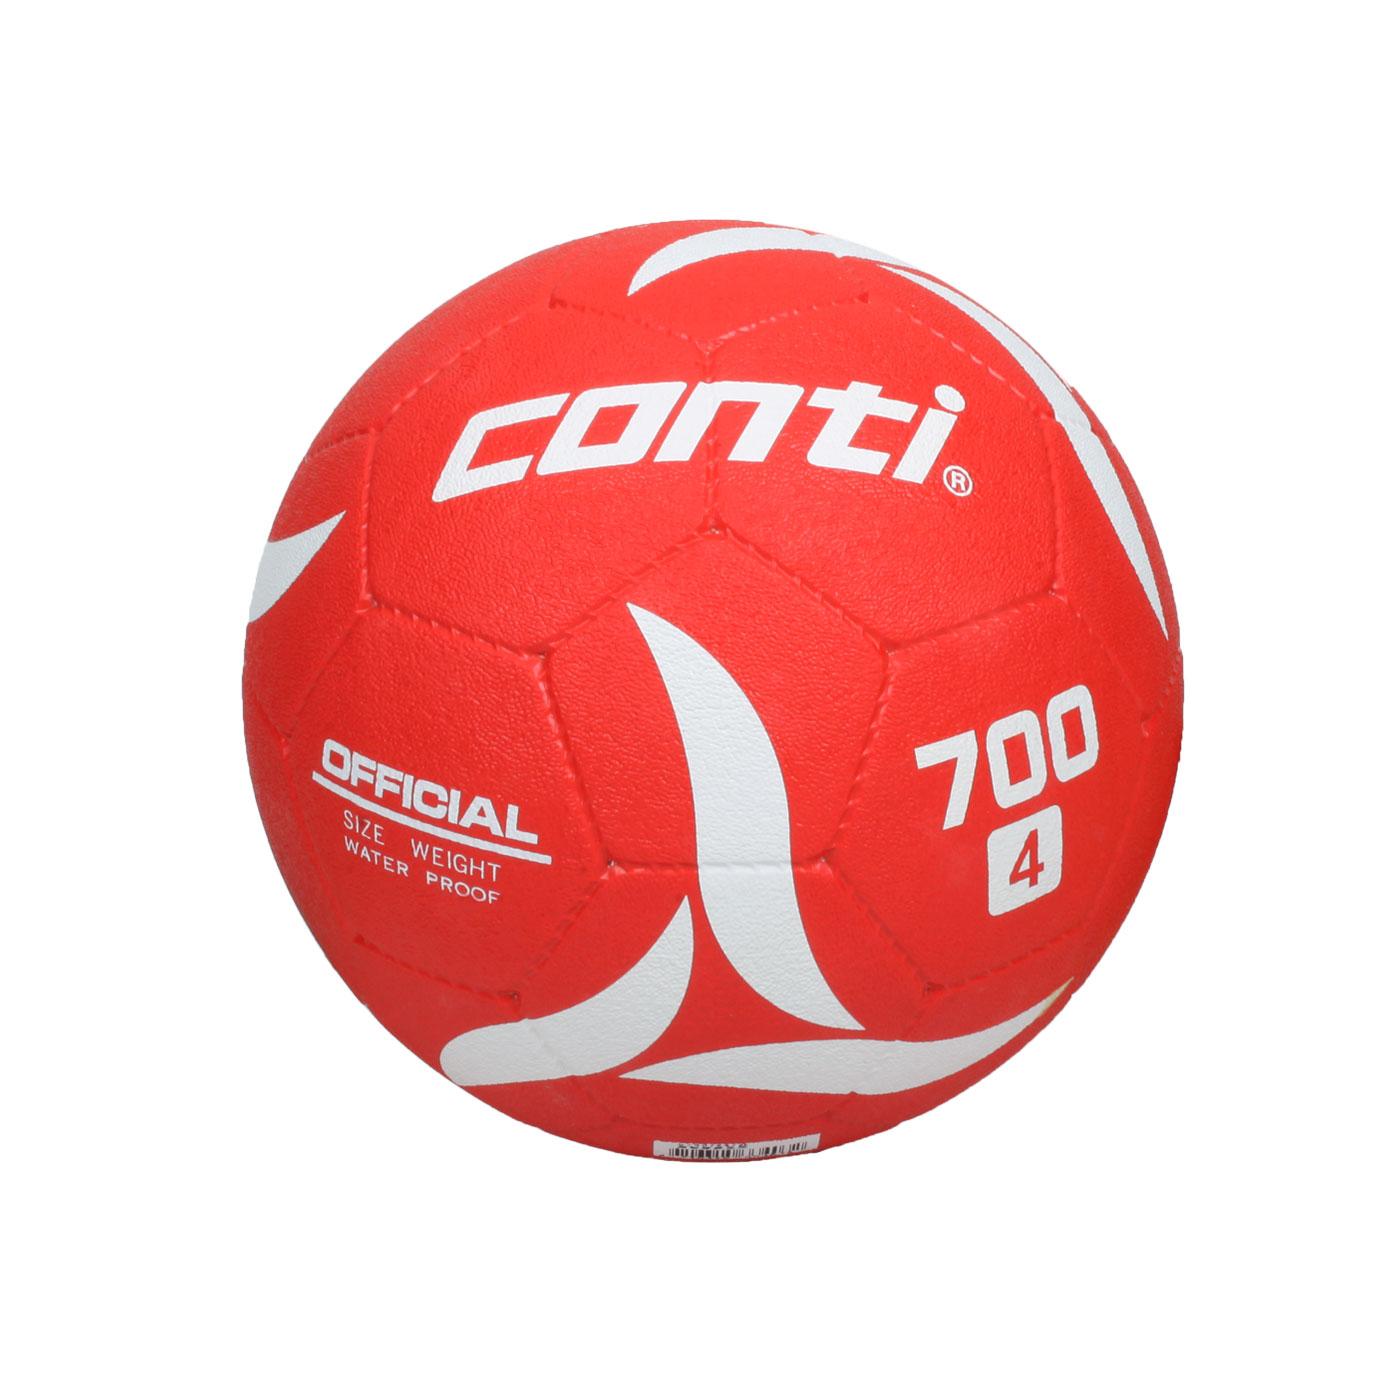 詠冠conti 深溝發泡橡膠足球 CONTIS700-4-R - 紅白